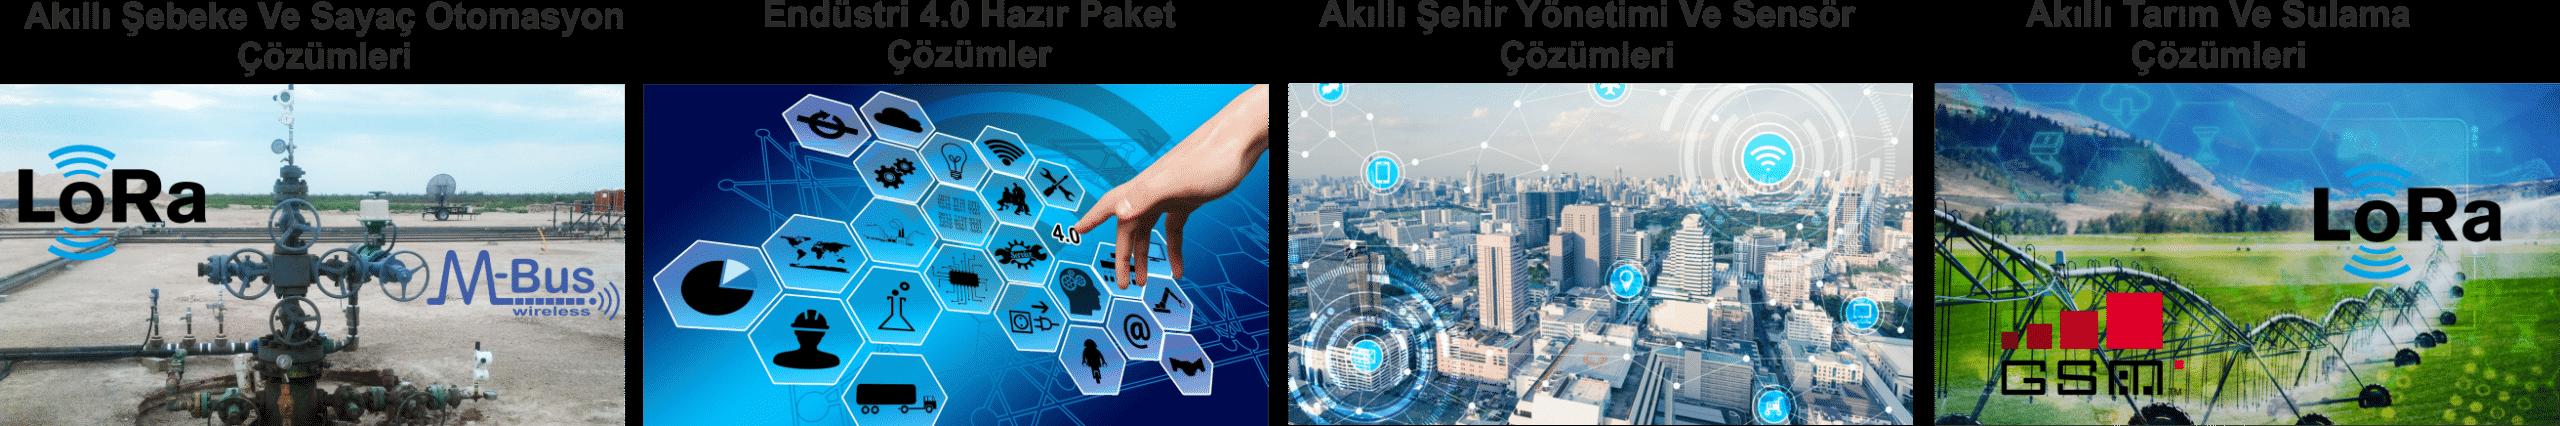 esg sistem kablosuz teknoloji çözümleri sunar, Kablosuz otomasyon sistem ihtiyaçları, esg akıllı sistemler, esg Lora, esg lora gateway